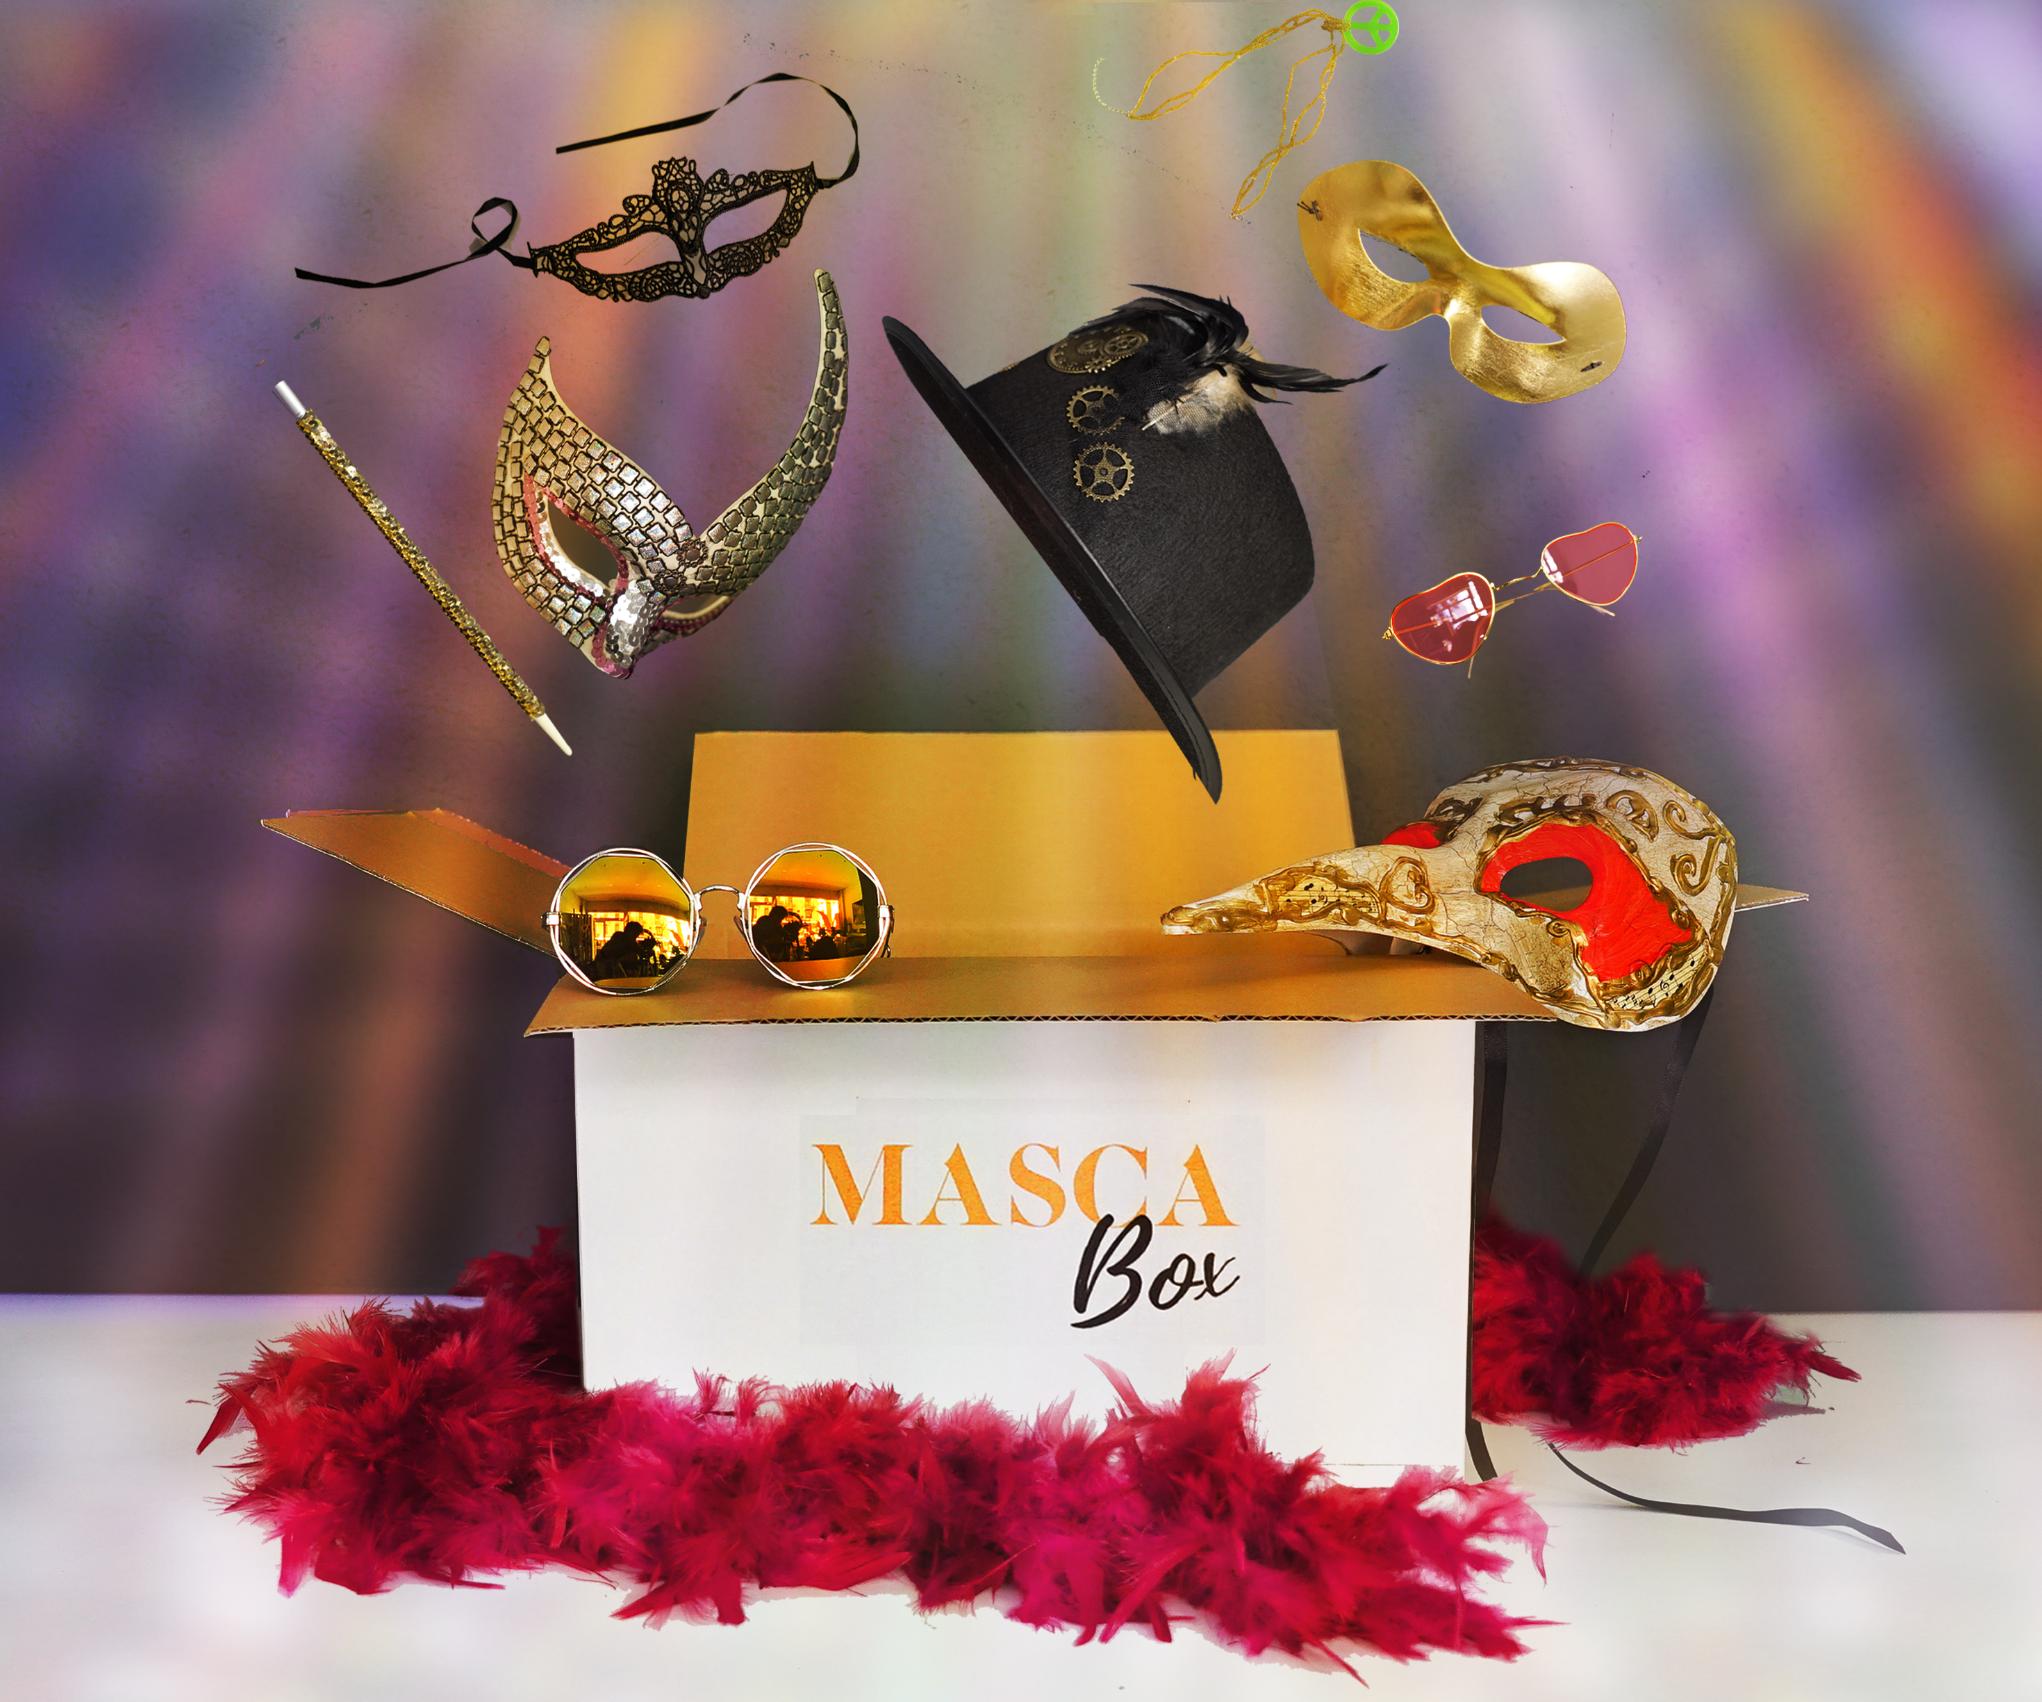 La BOX d'accessoires - Découvrez la BOX pleine d'accessoires de fêtes pour une soirée réussie entre amis, collègues ou pour votre Photobooth. Nous mettons à disposition une sélection d'accessoires inédits, mixtes ou en fonction de votre thème pour une soirée réussie à coup sûr!Vous choisissez, nous nous déplaçons!Devis sur demande.